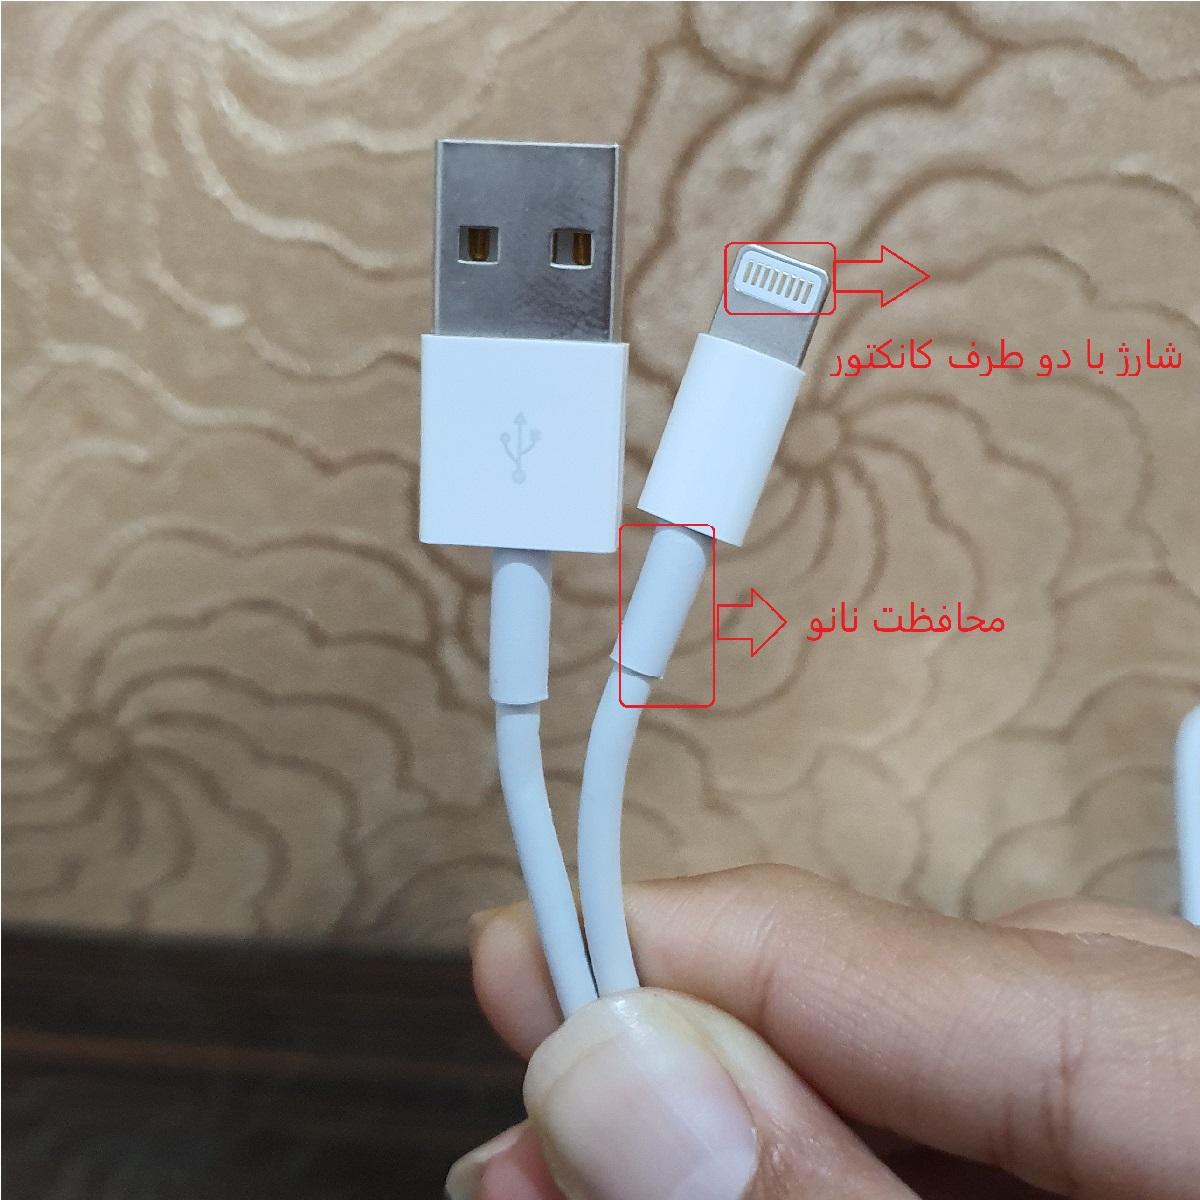 کابل تبدیل USB به لایتنینگ مدل 7PLUS طول 0.4 متر